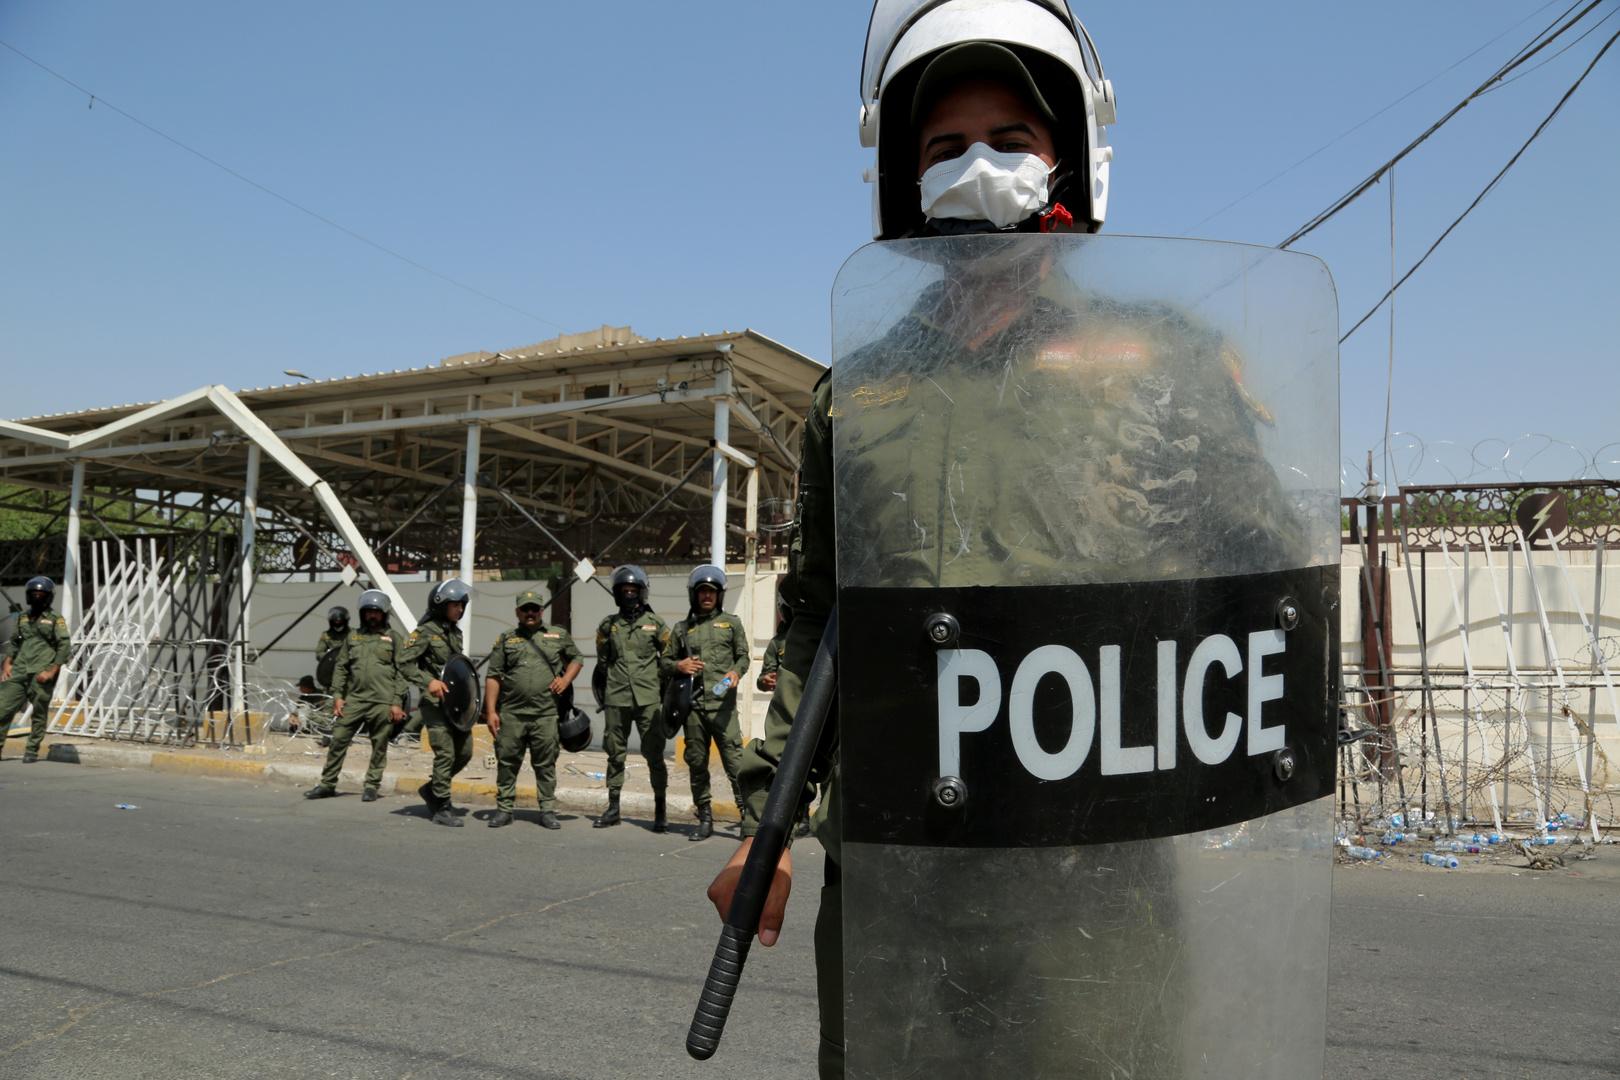 شرطة بغداد تعلن تأمين الحماية للتجمعات في ذكرى اغتيال سليماني والمهندس